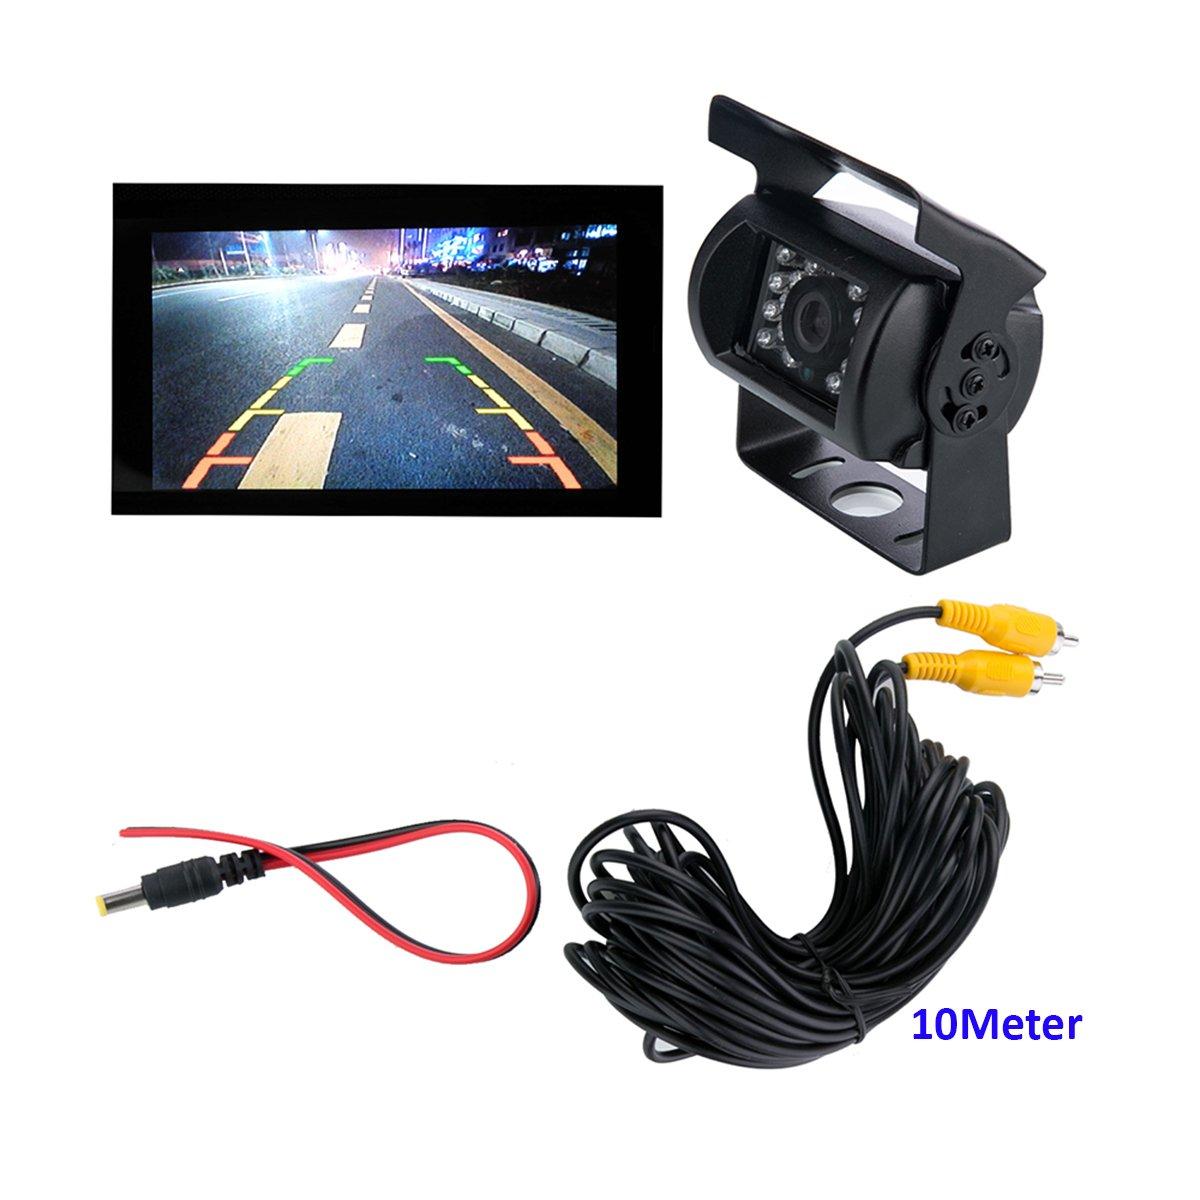 /35/V tensione larga Snanshi telecamera per retromarcia camion pickup Bus veicolo roulotte telecamera posteriore di backup con visione notturna a infrarossi a LED DC 9/V/